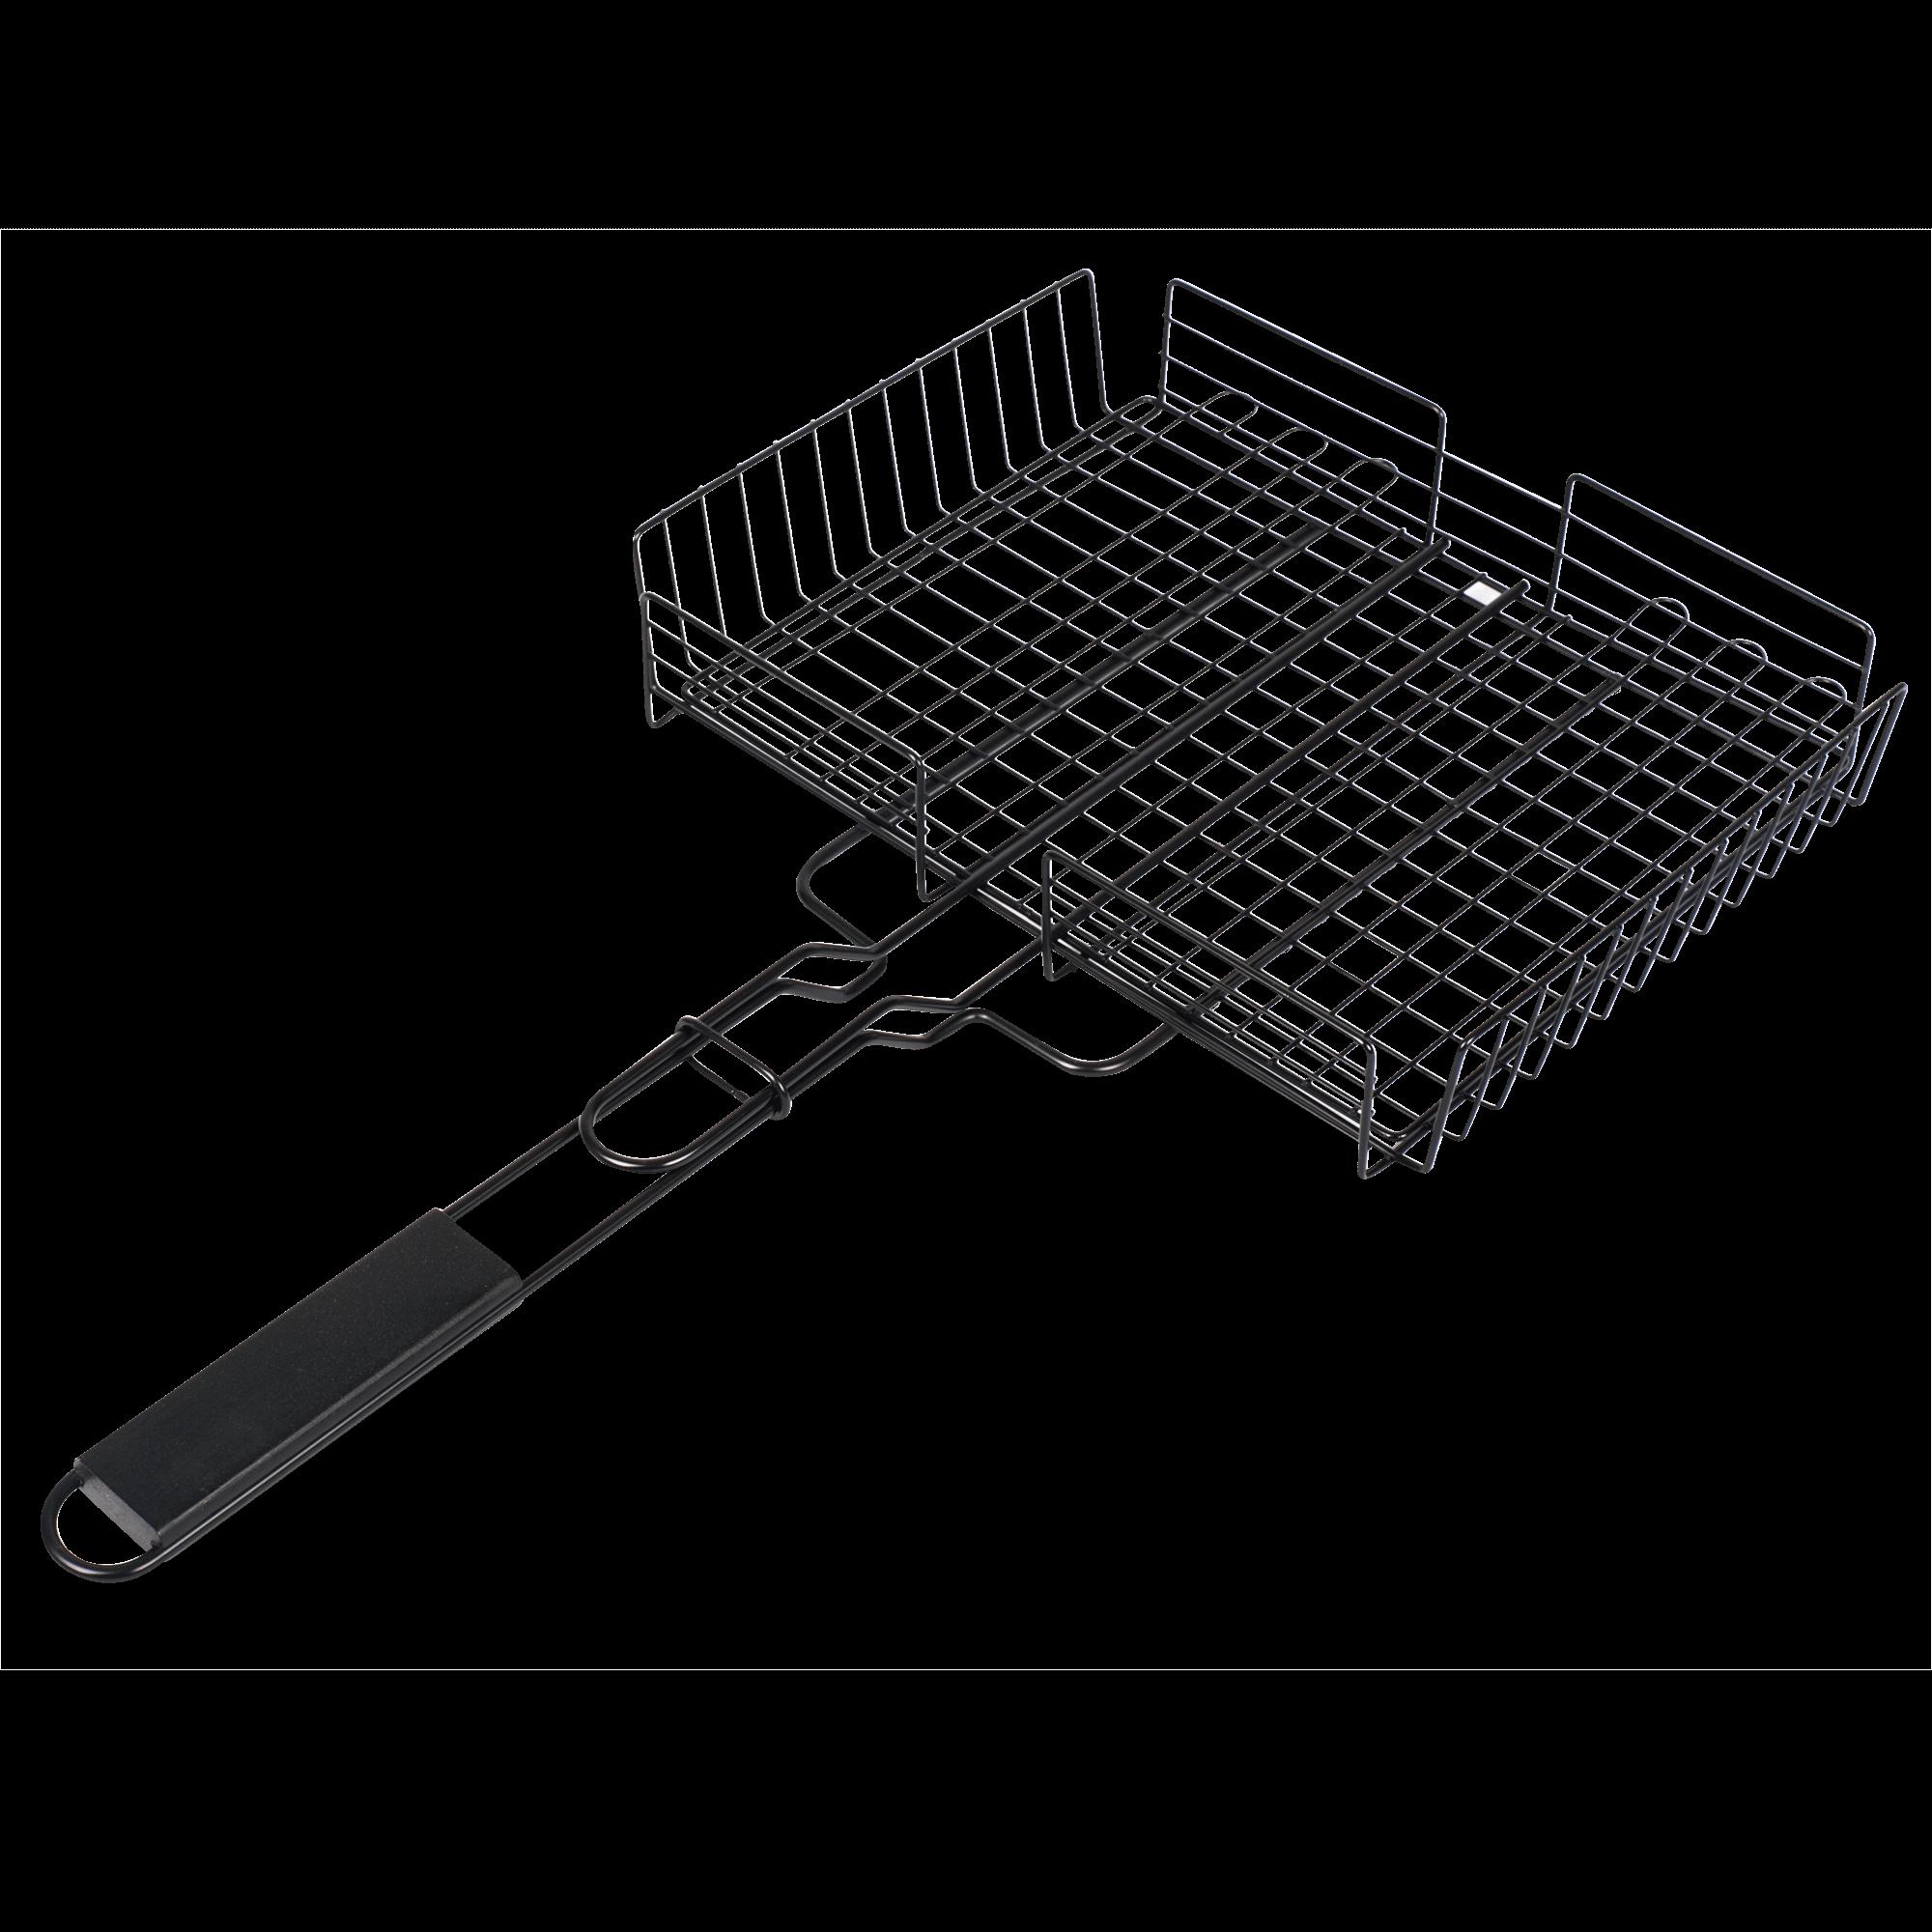 f r fleisch und gem se bbq grillkorb mit langem griff. Black Bedroom Furniture Sets. Home Design Ideas